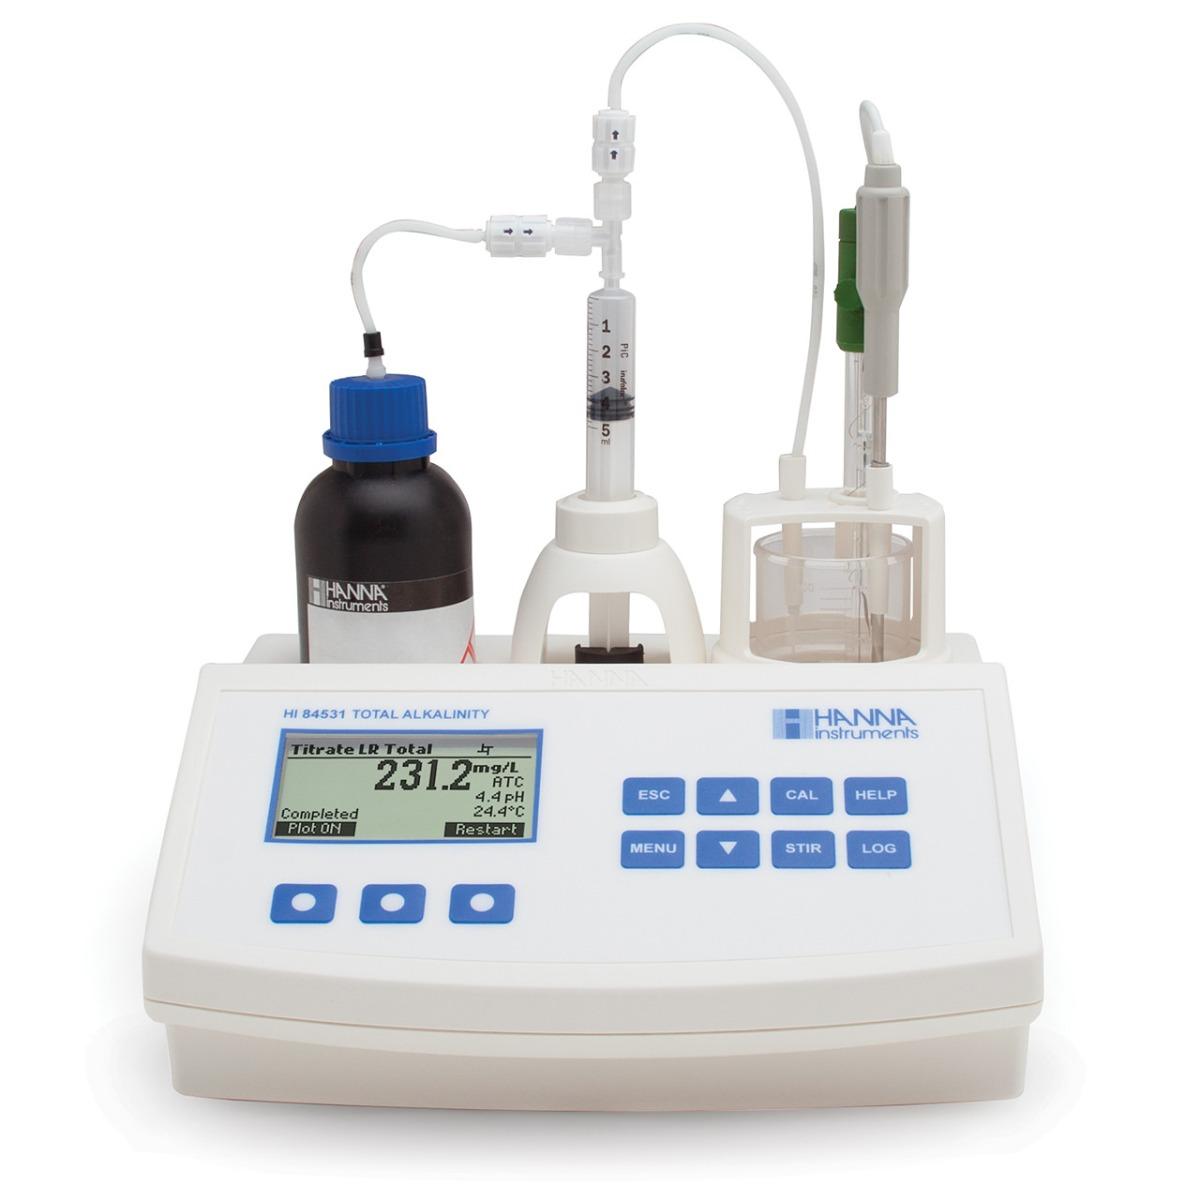 HI84531 - Minititolatore per l'analisi dell'alcalinità dell'acqua